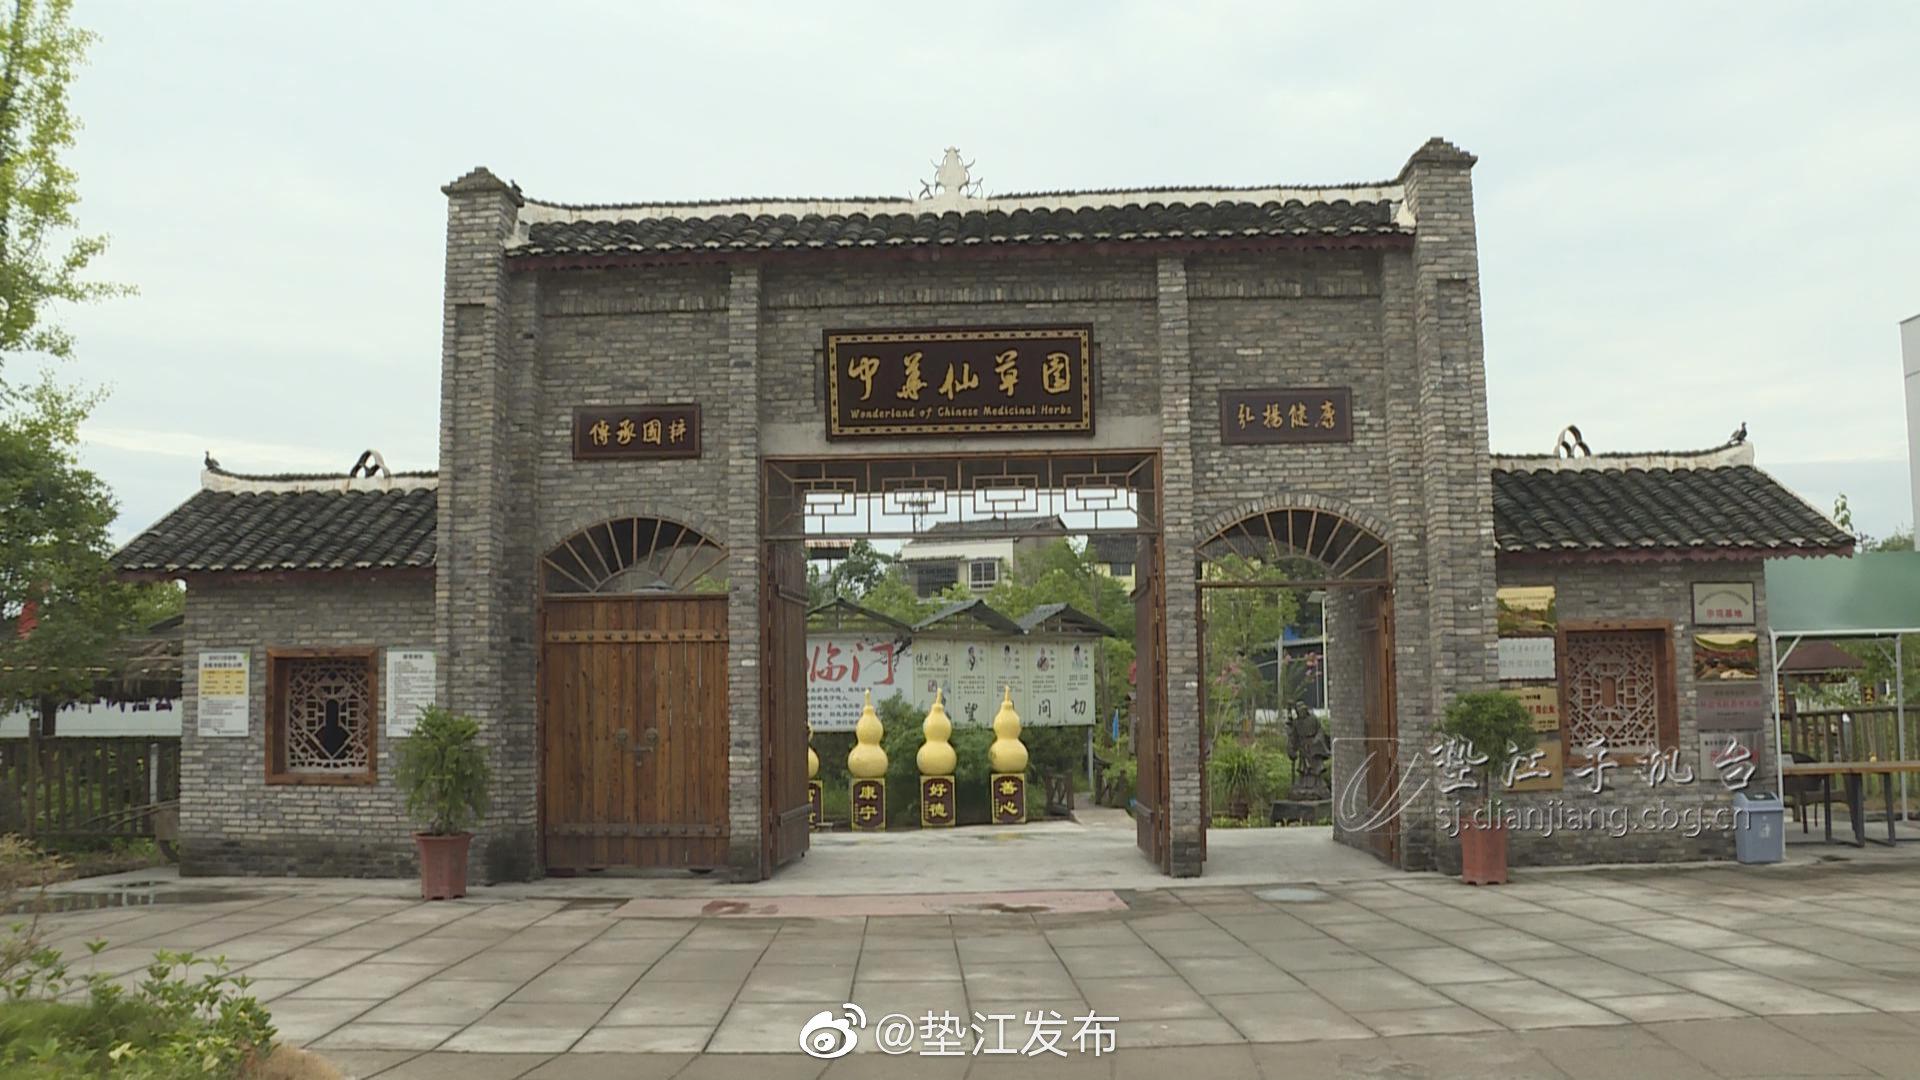 近日,重庆邮电大学生物信息学院的80多名大二学生利用暑期